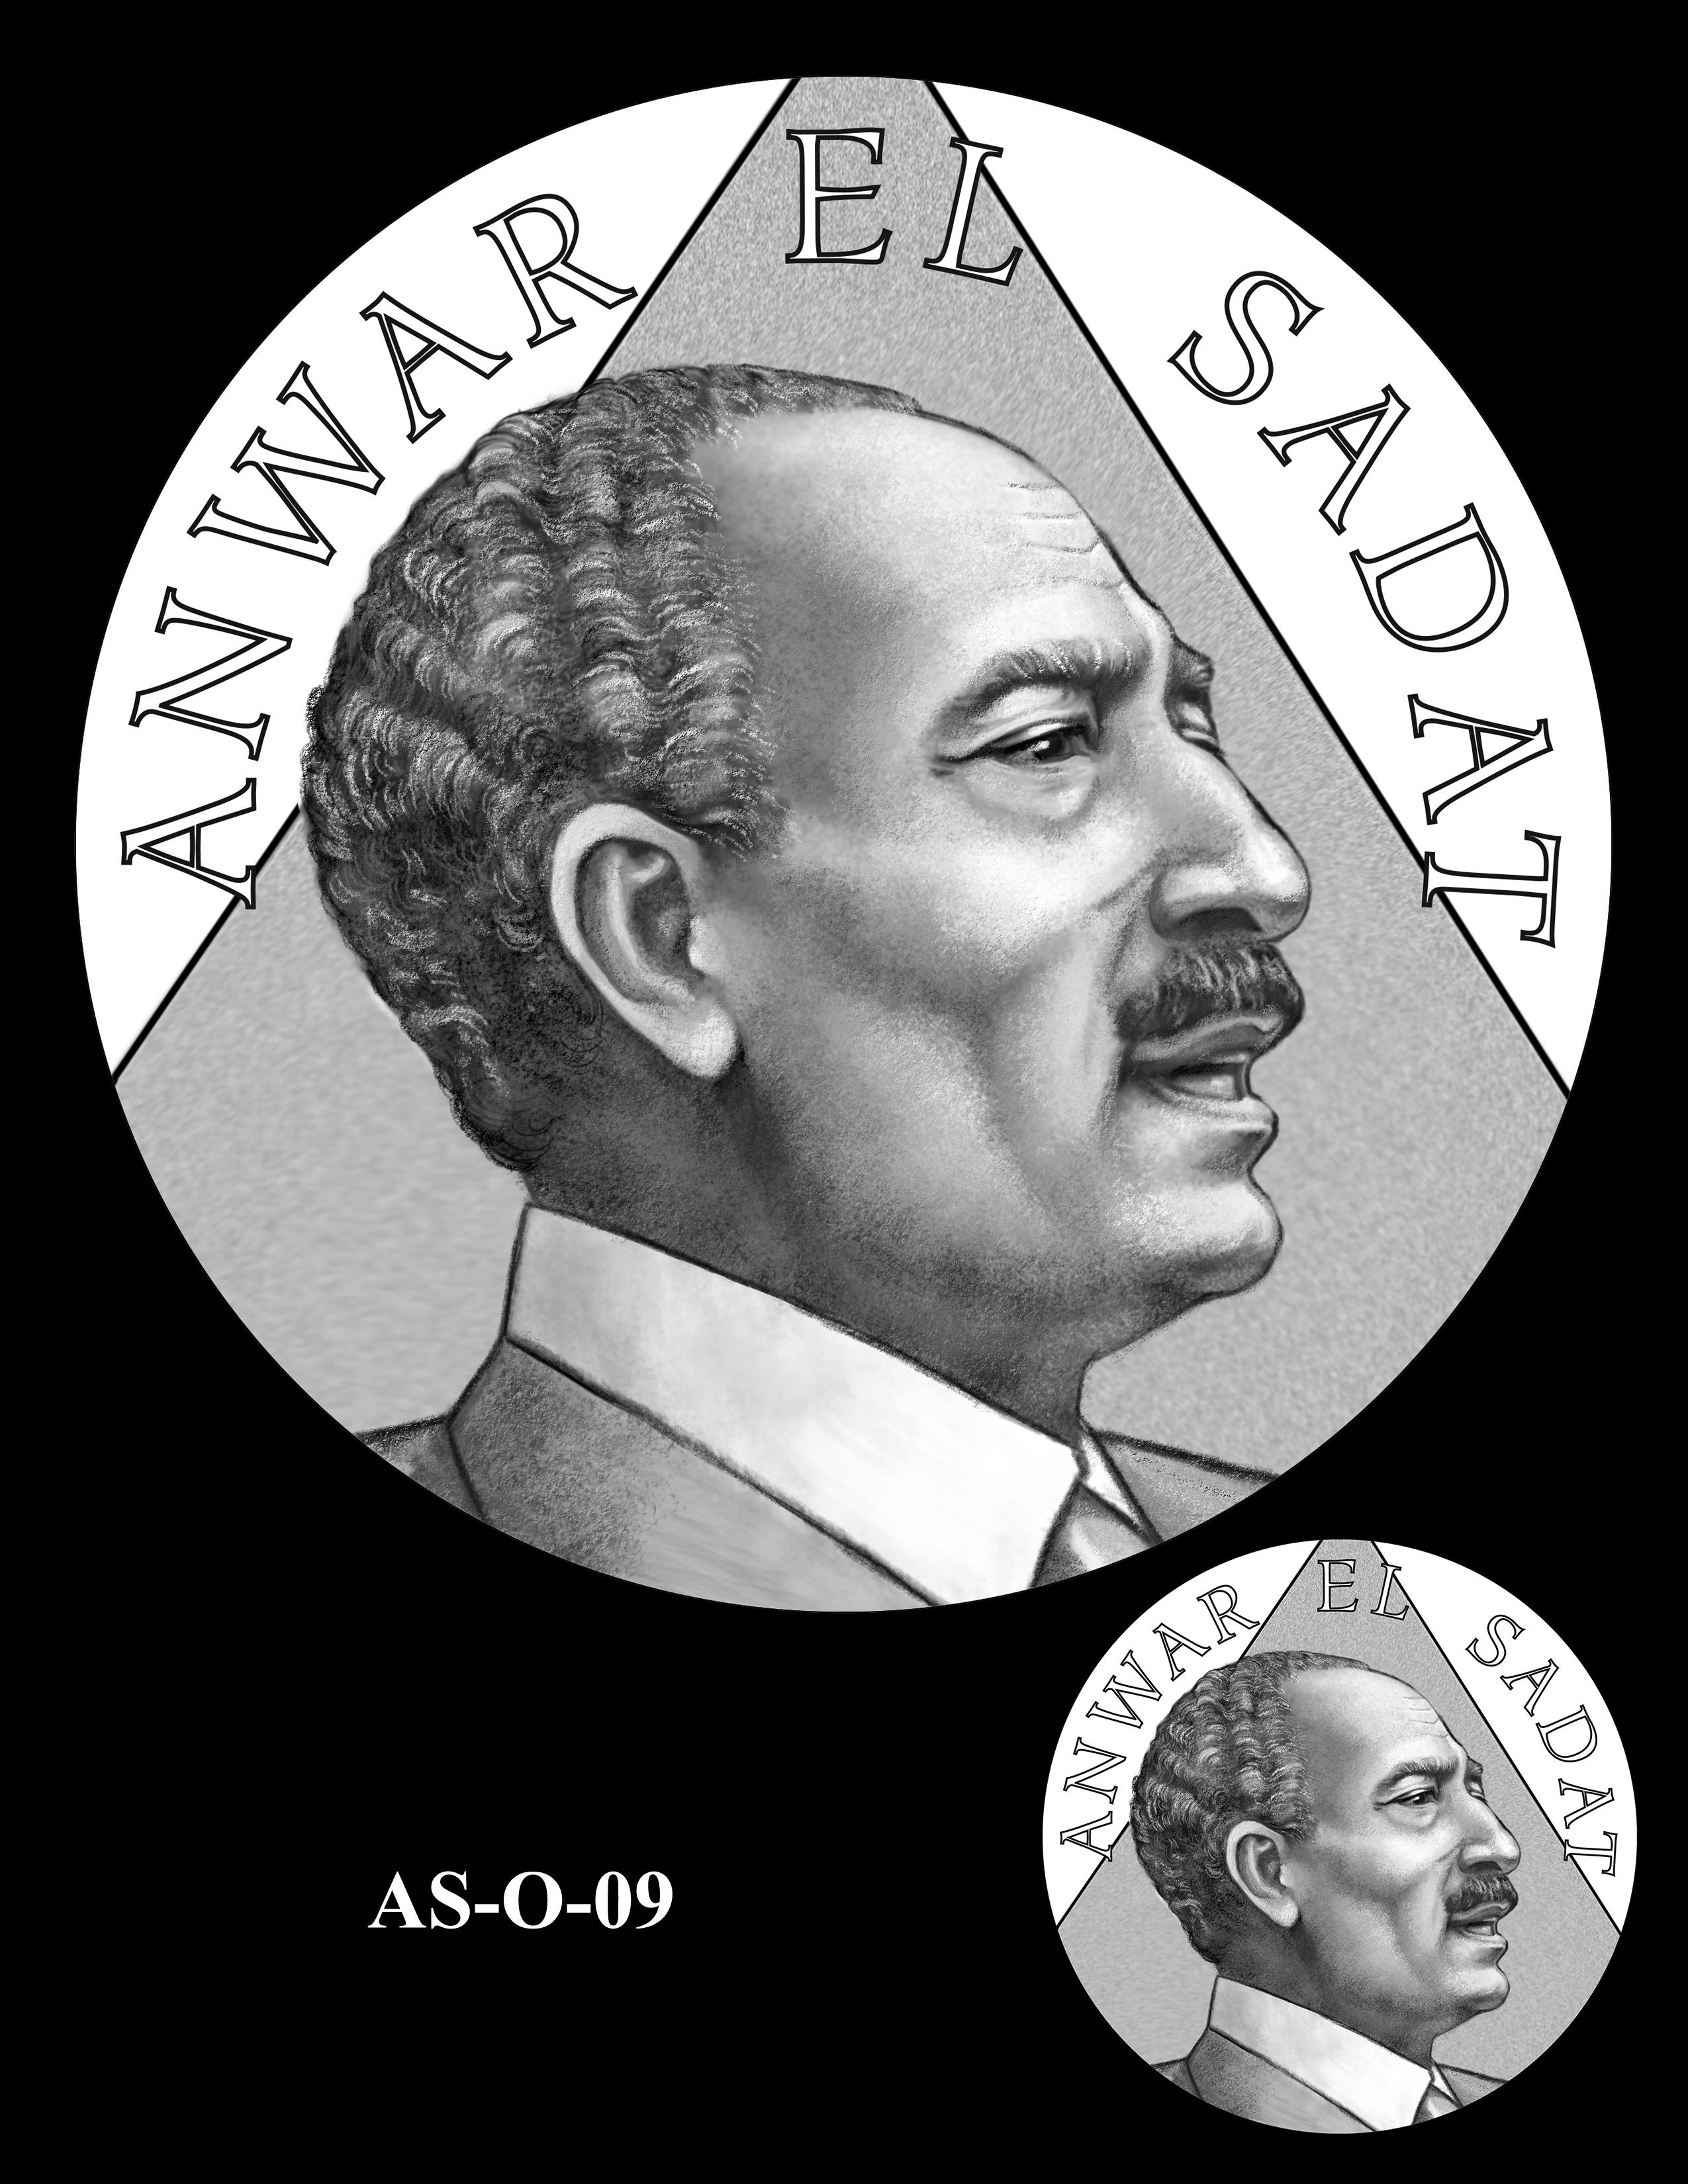 AS-O-09 -- Anwar El Sadat CGM Obverse